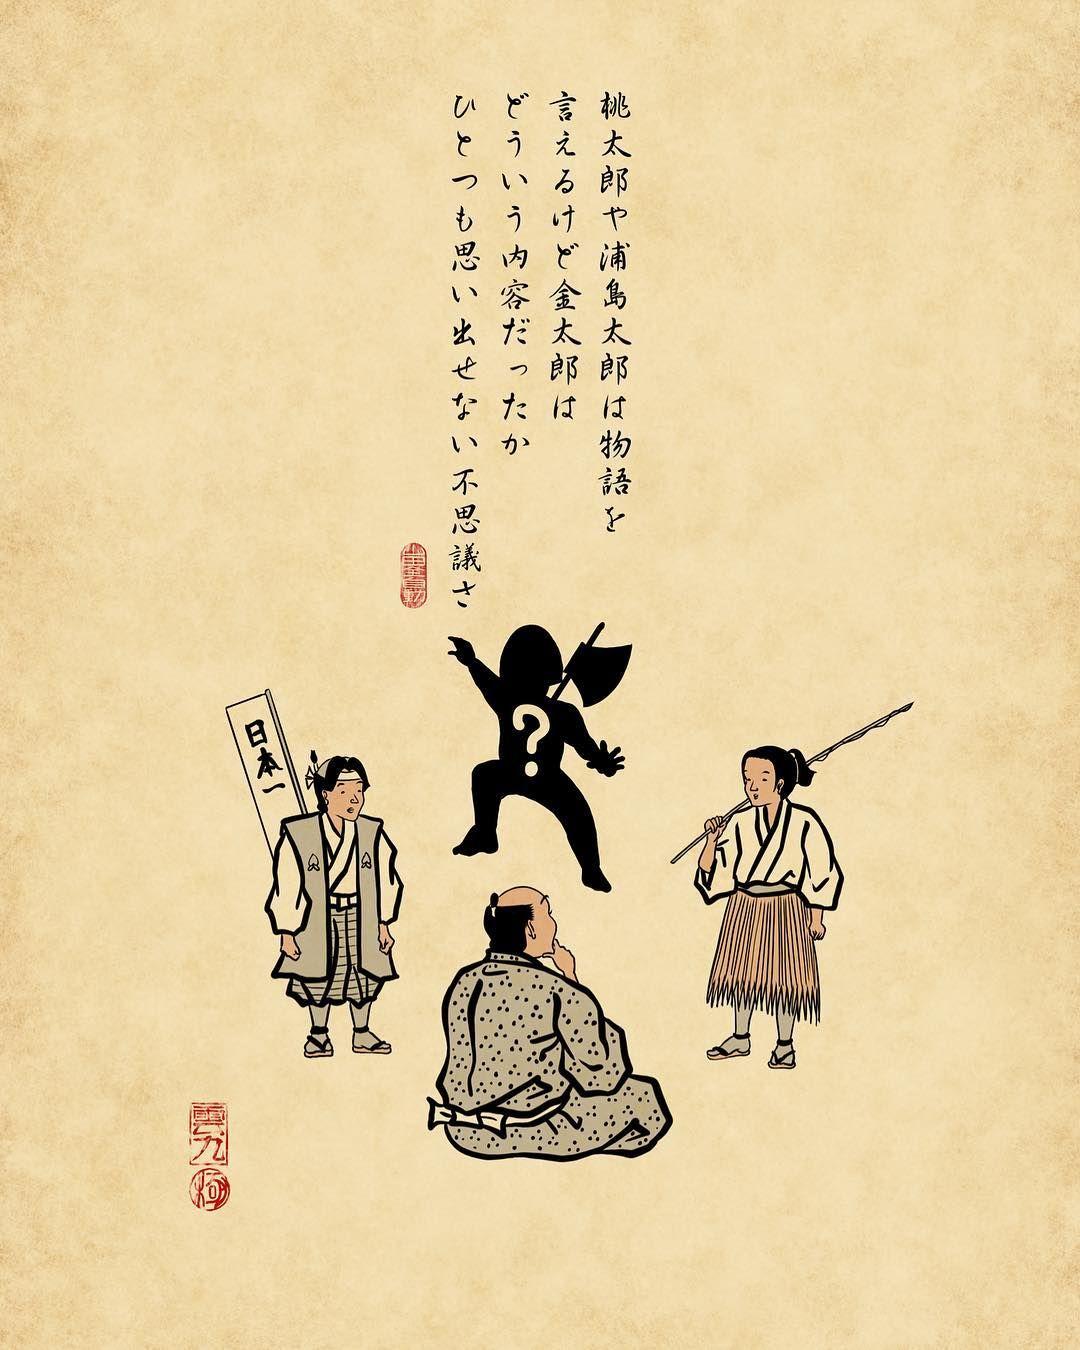 まさかり、熊、相撲のキーワードしか思い出せないでござる ・ #俳句